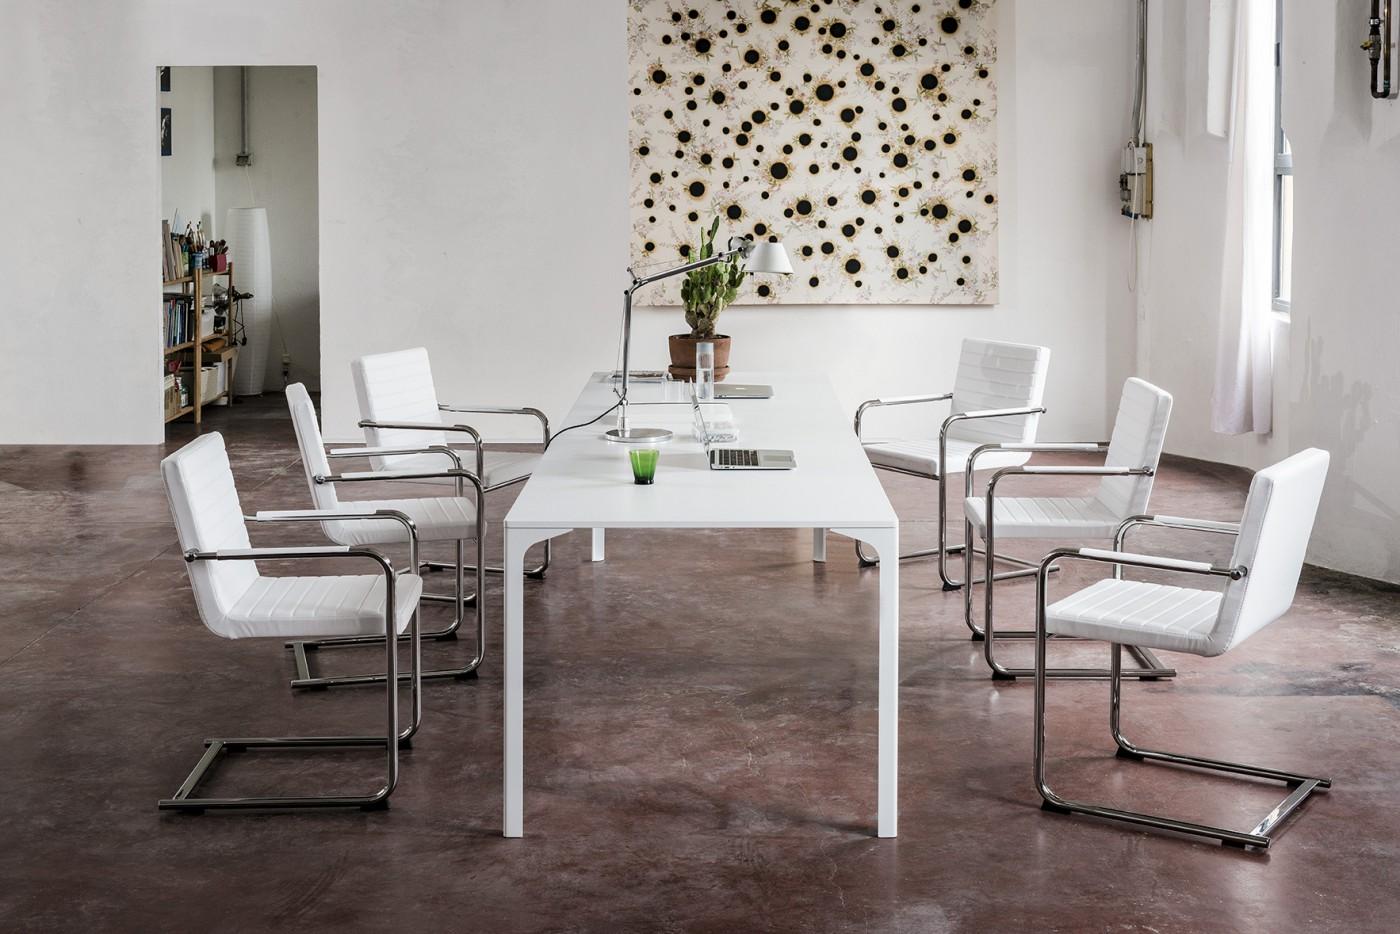 Tavolo Armando semplice casa ufficio riunione collettività - Riganelli Arredamenti